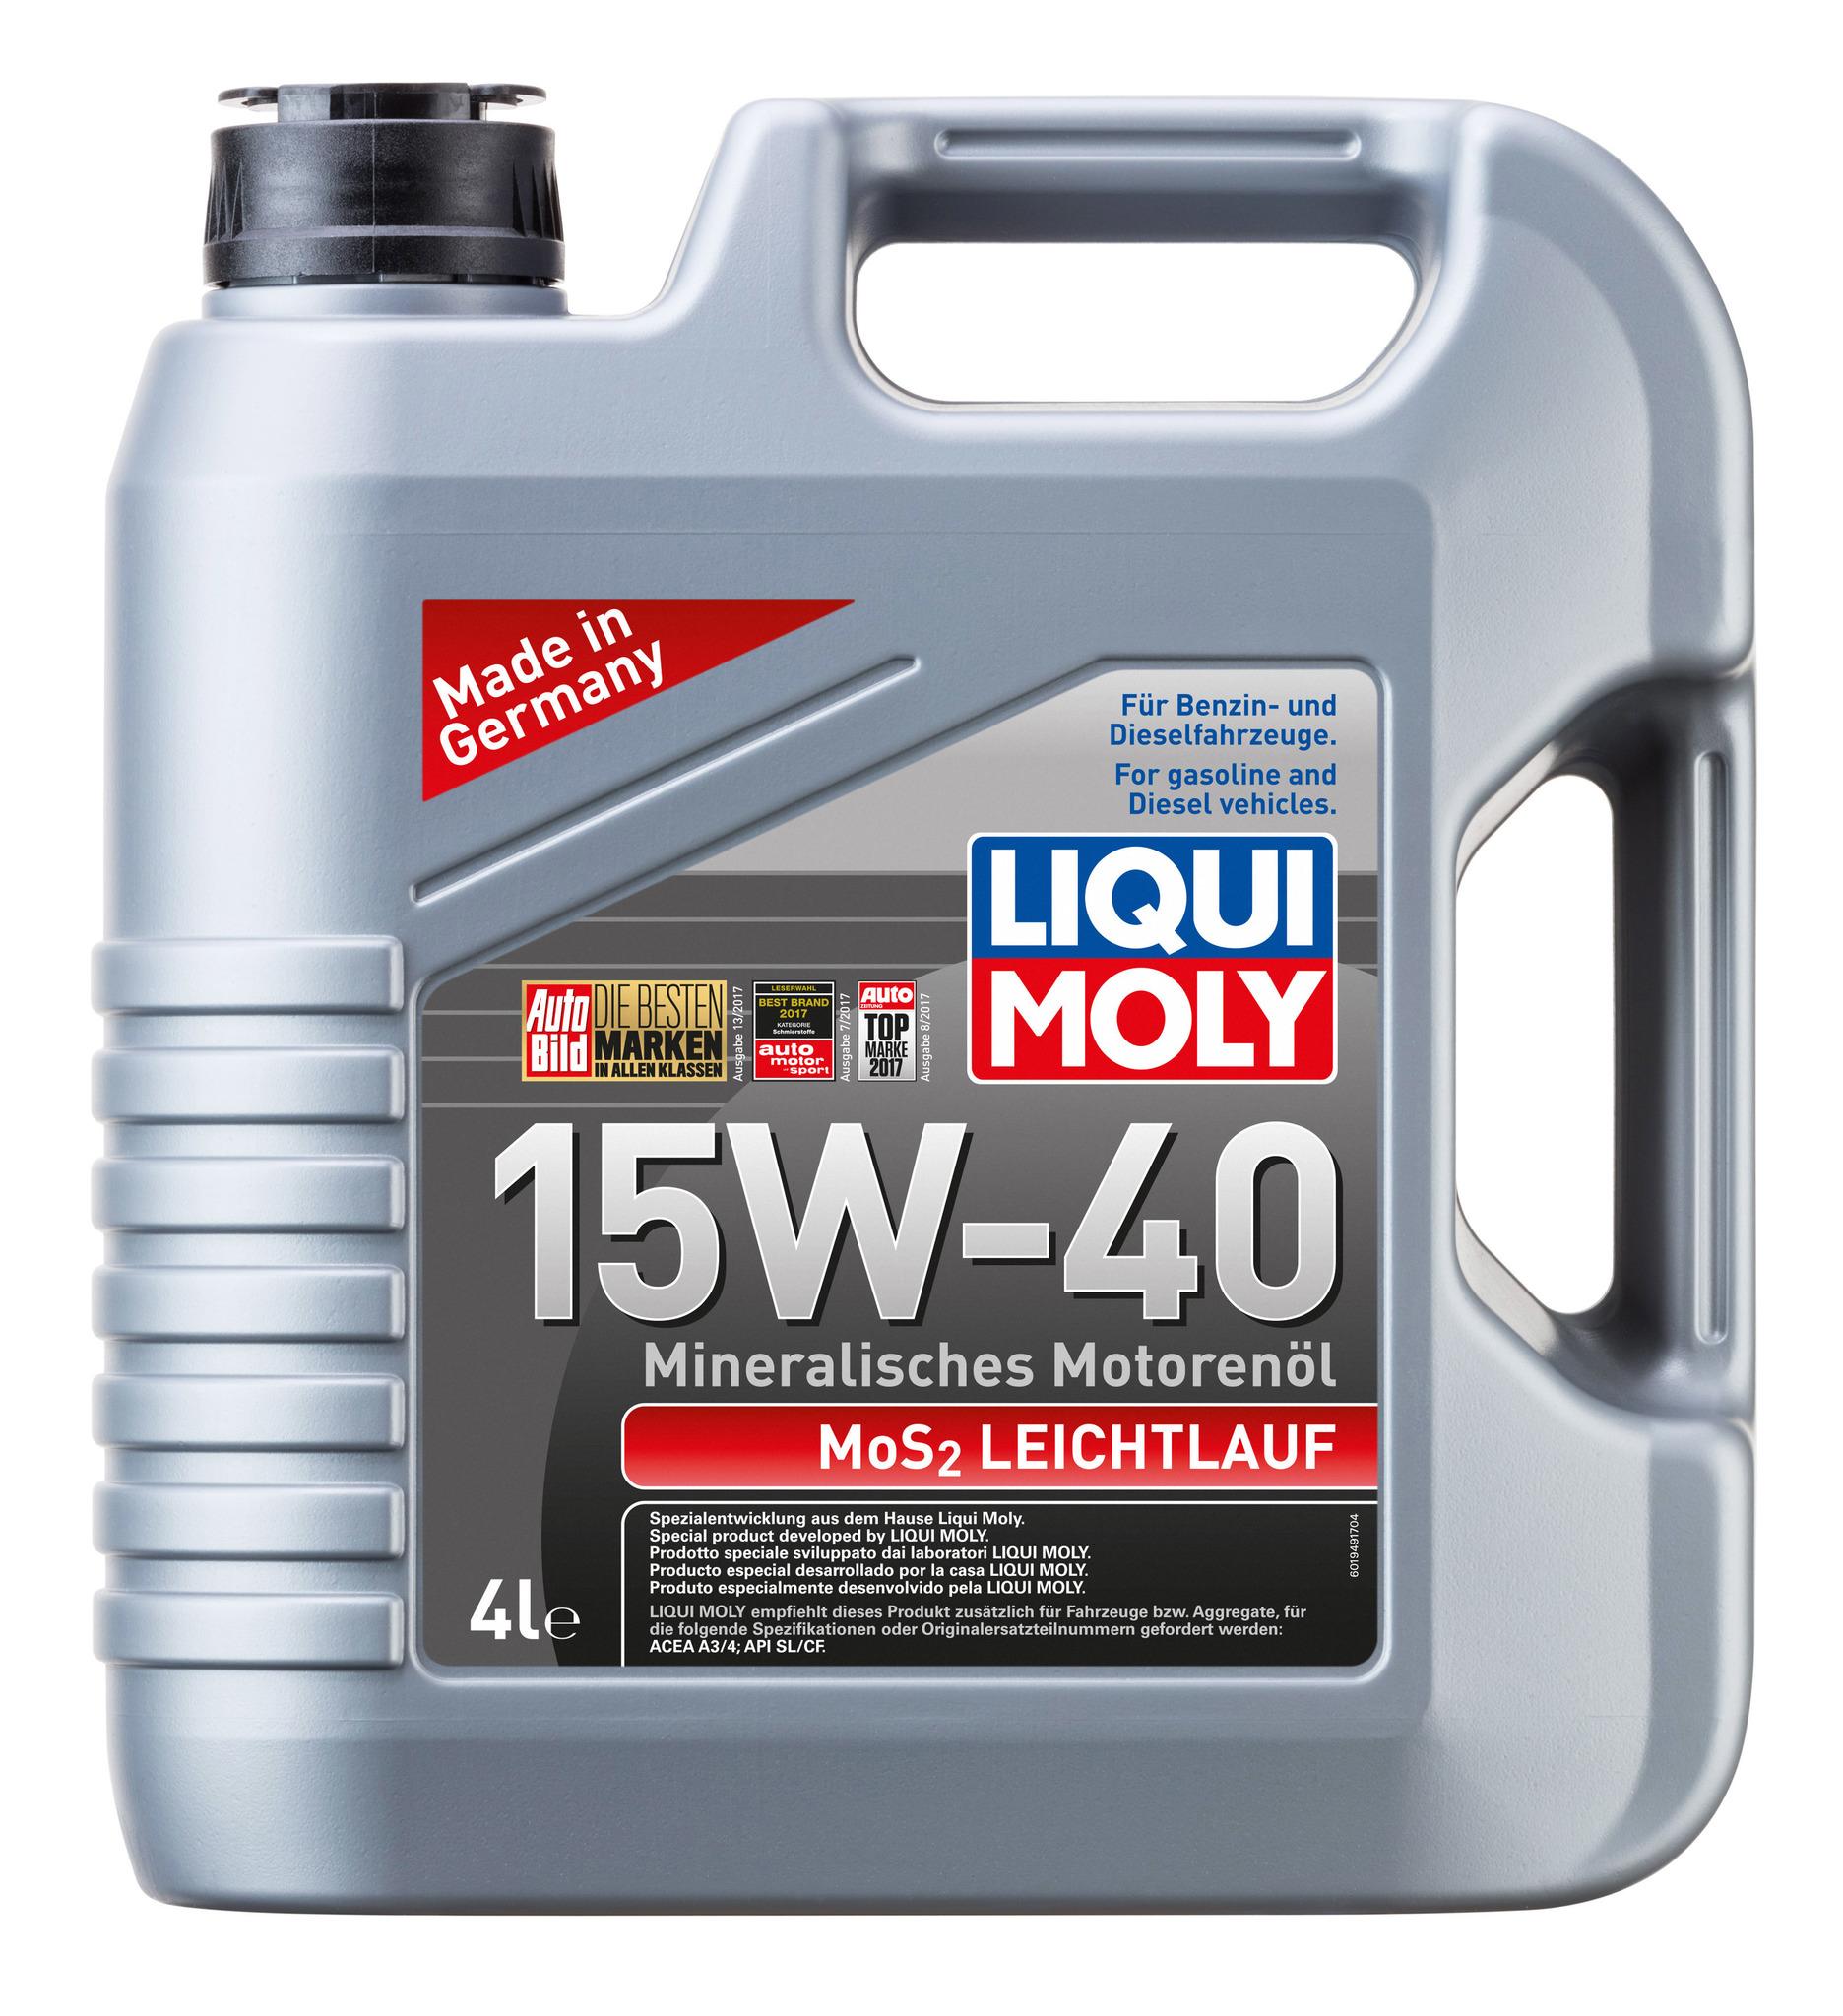 Liqui Moly MoS2 Leichtlauf 15W40 Минеральное моторное масло с дисульфид молибденом